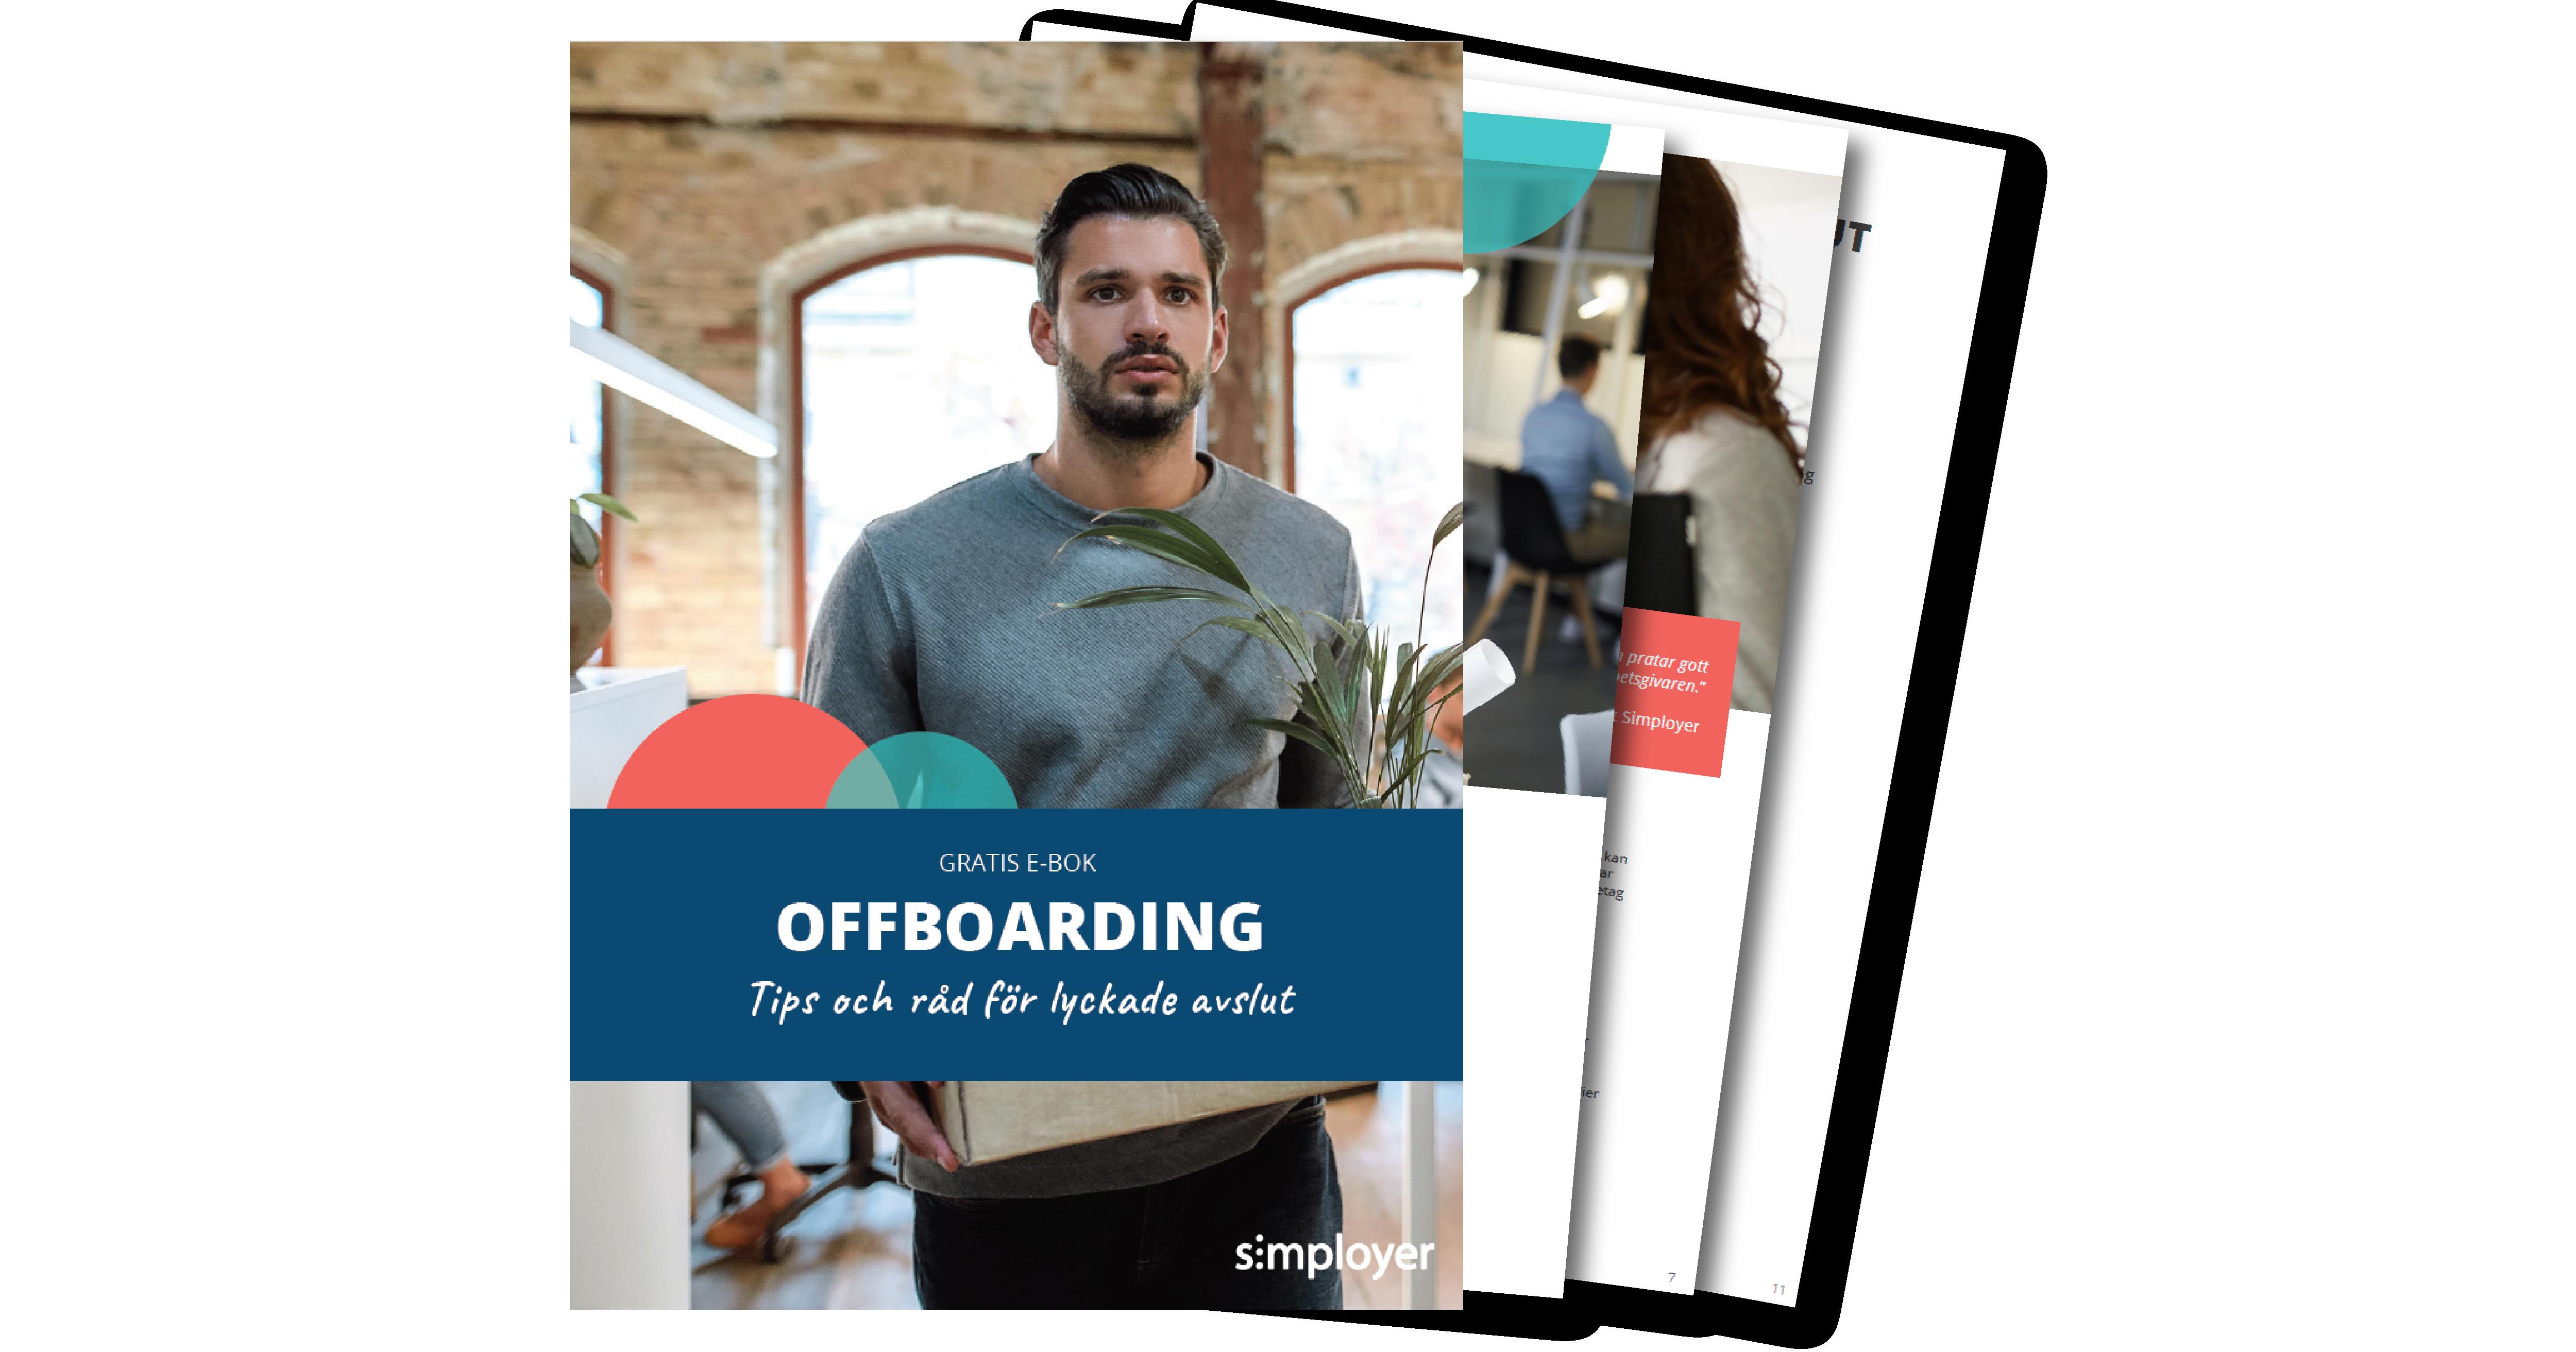 E-boken Offboarding - tips och råd för lyckade avslut